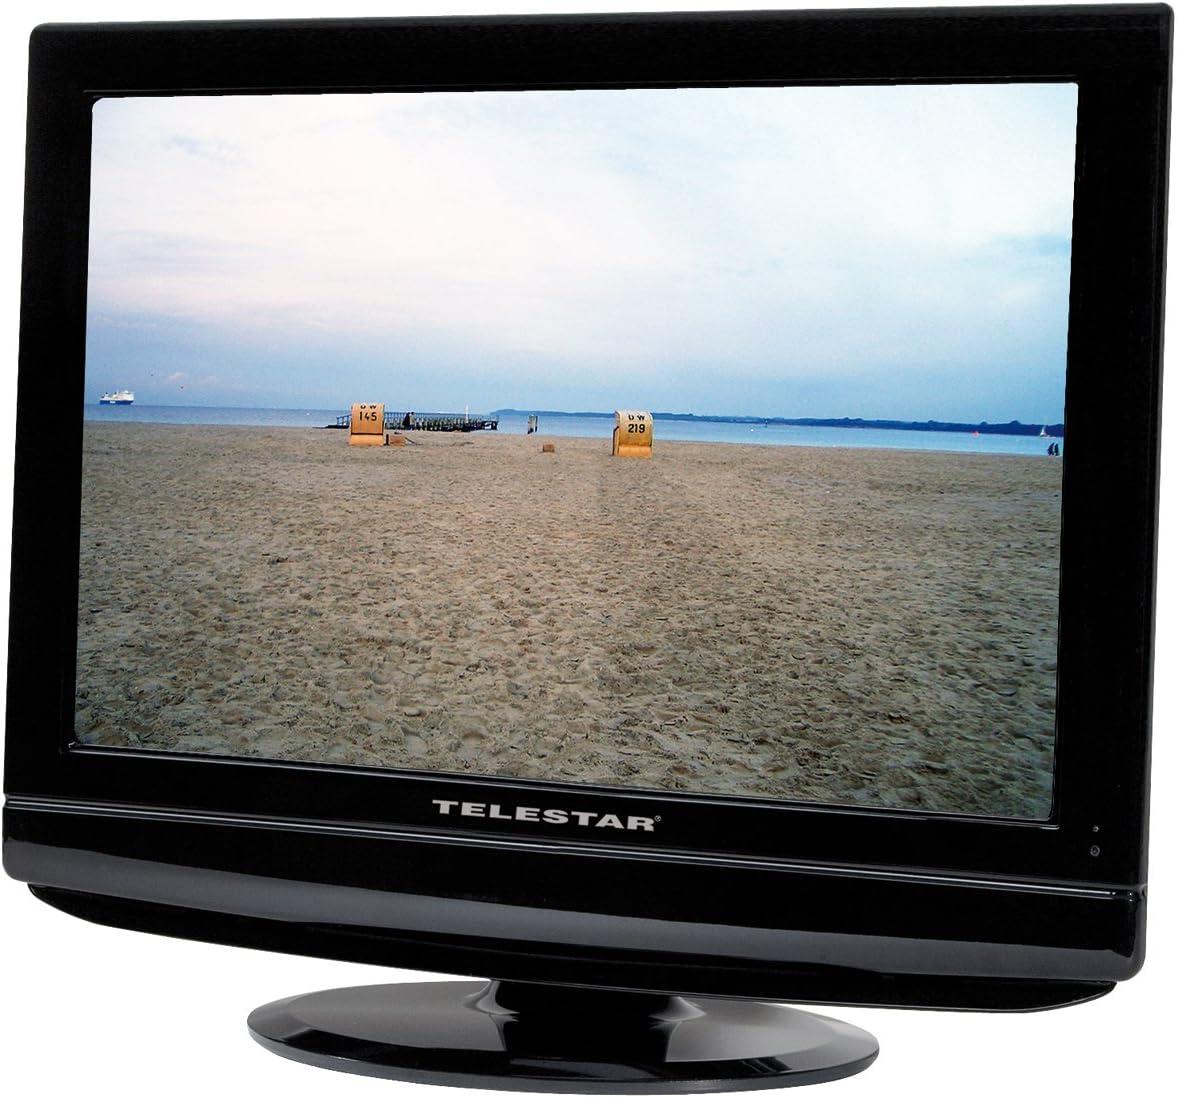 Telestar LCD TV 22 s: Amazon.es: Electrónica